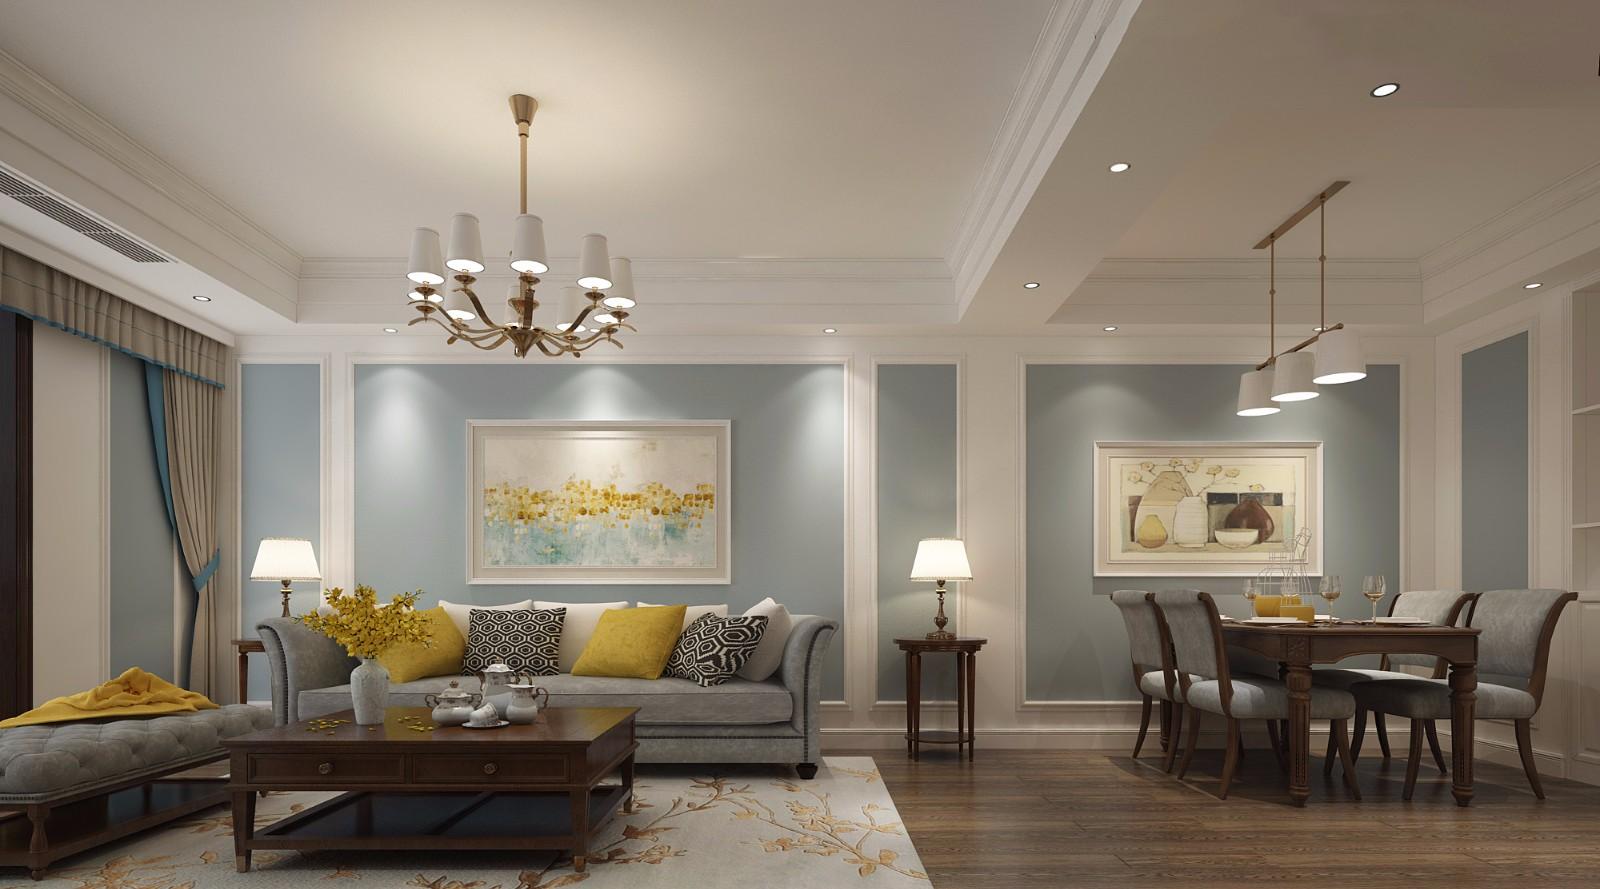 120平米四居室美式风格家装效果图